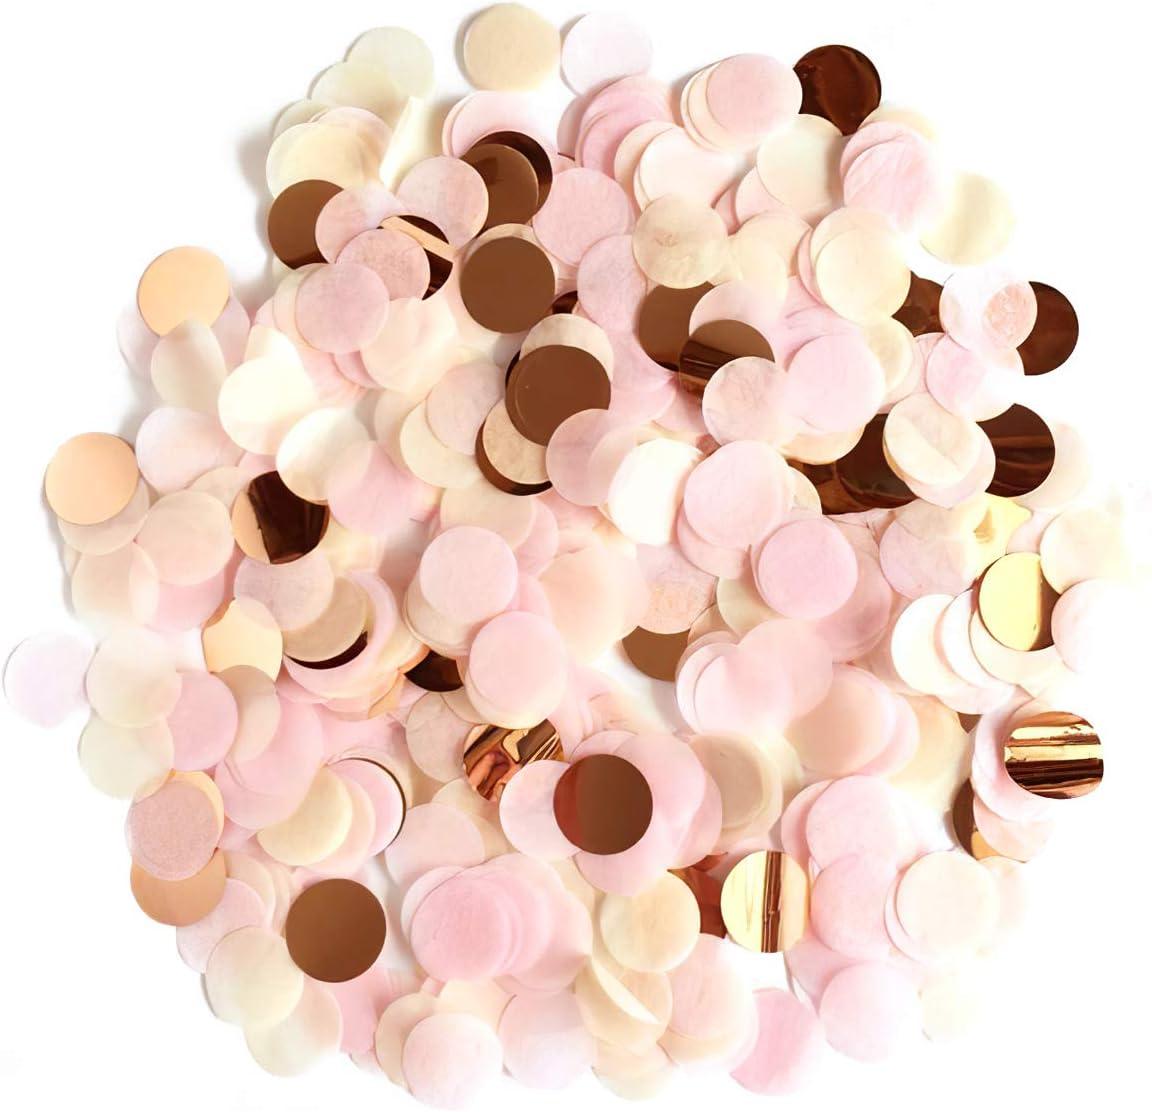 XCOZU 1500 Piezas Confeti Oro Rosa, 1cm Redondos Confeti para Bodas, San Valentín, Confeti de Mesa, Cumpleaños, Fiestas, Confeti para Globo Decoración, 30g